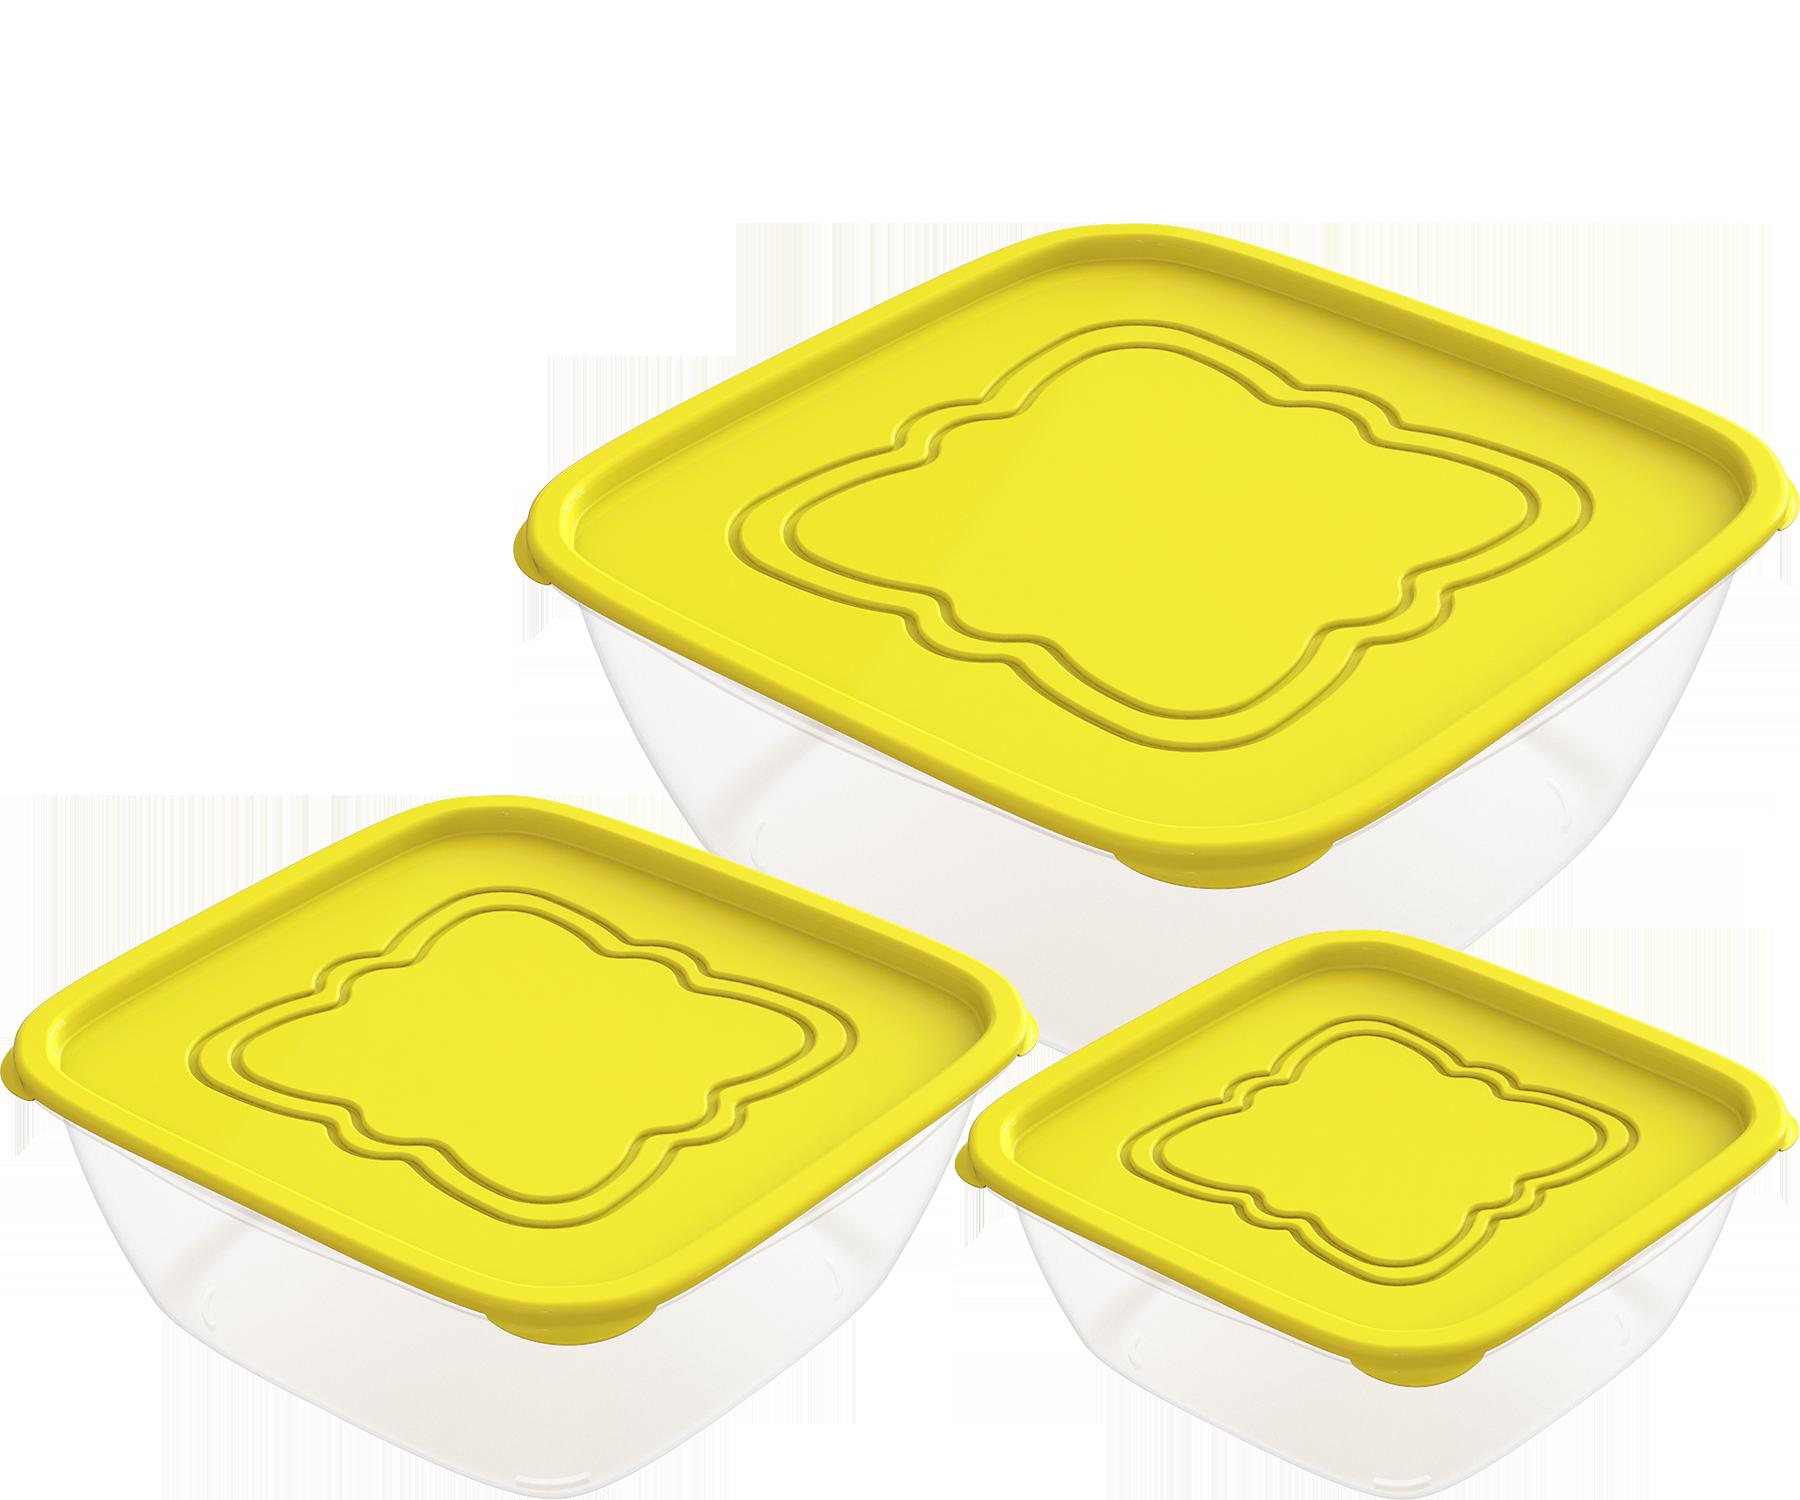 АП 159 Набор контейнеров для продуктов «Пикник» №1 (СВЧ) 0,5л; 1,0л; 2,0л (3шт)